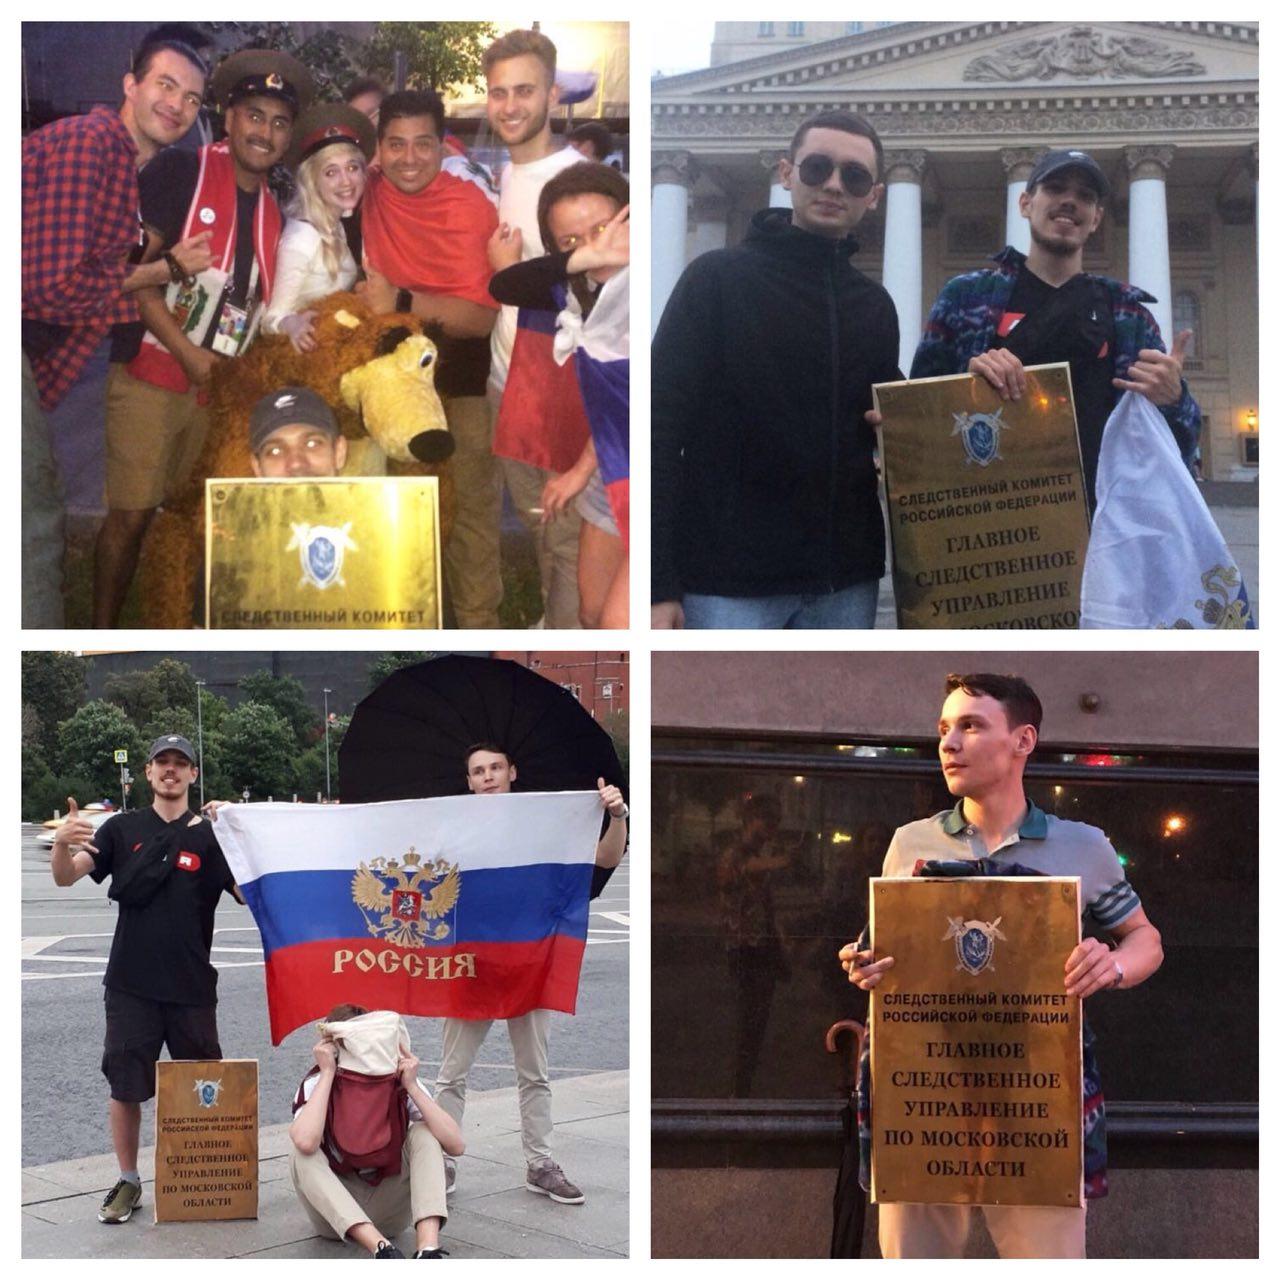 ТАСС: в Москве возбудили дело о краже вывески со здания СК после победы сборной России